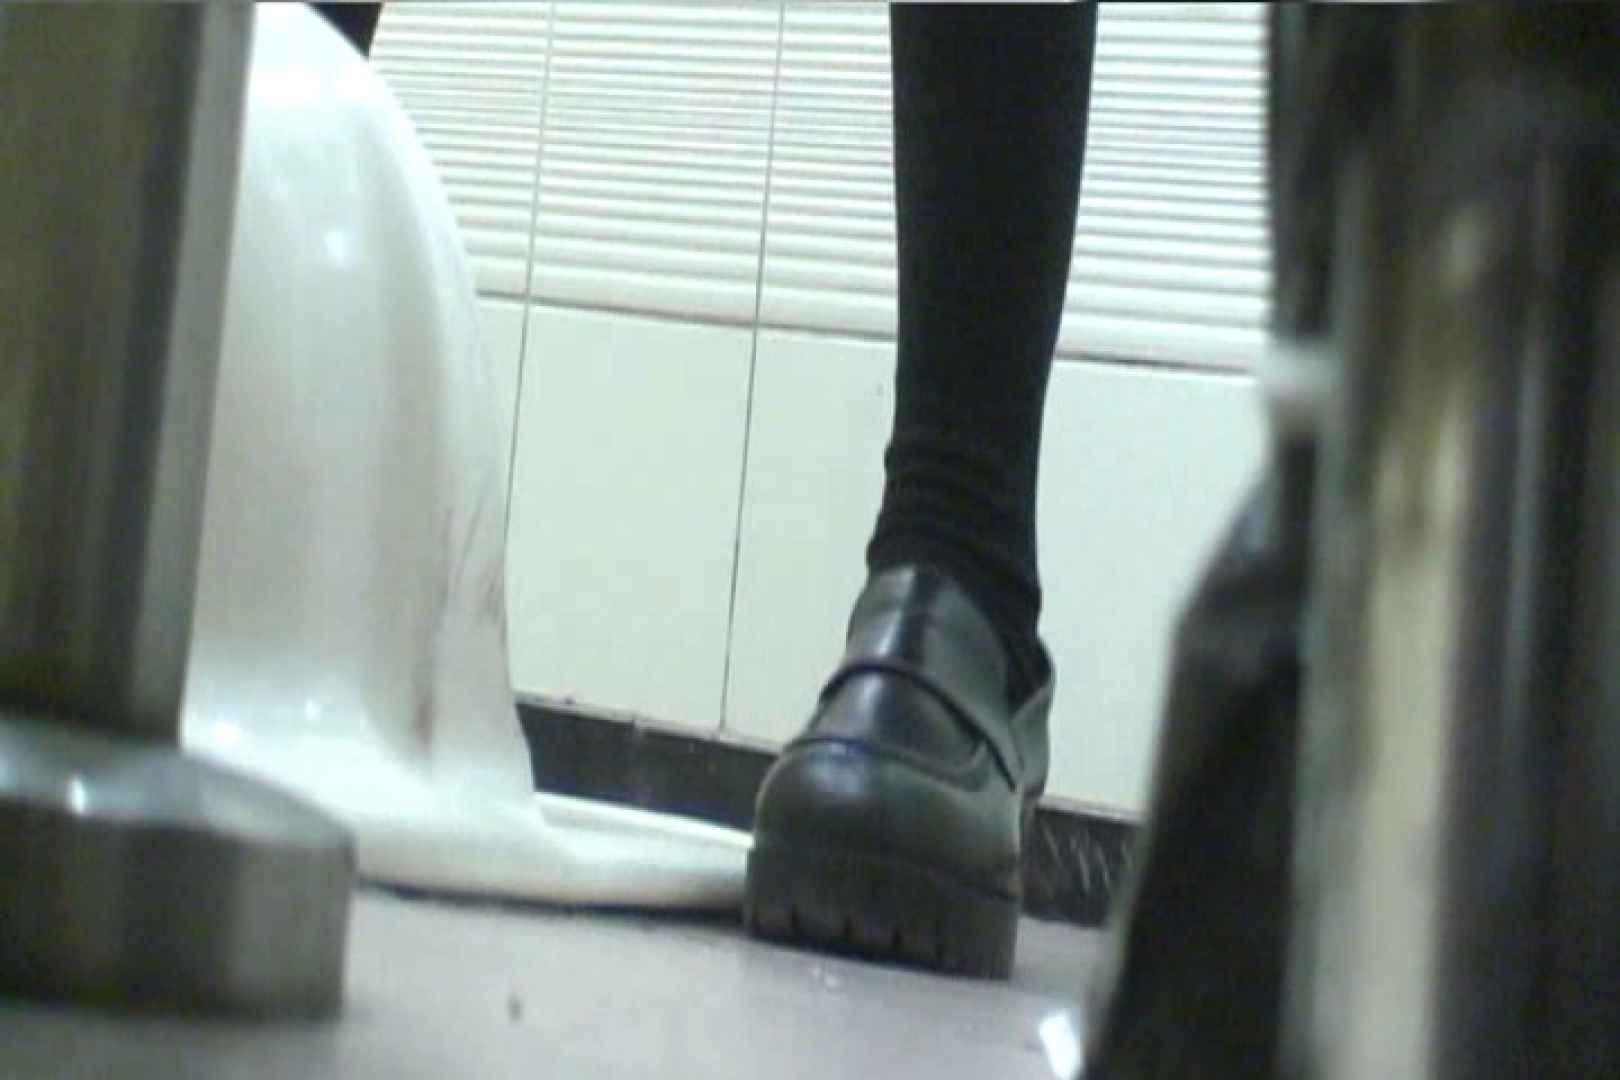 マンコ丸見え女子洗面所Vol.30 おまんこ無修正 盗撮動画紹介 59画像 43